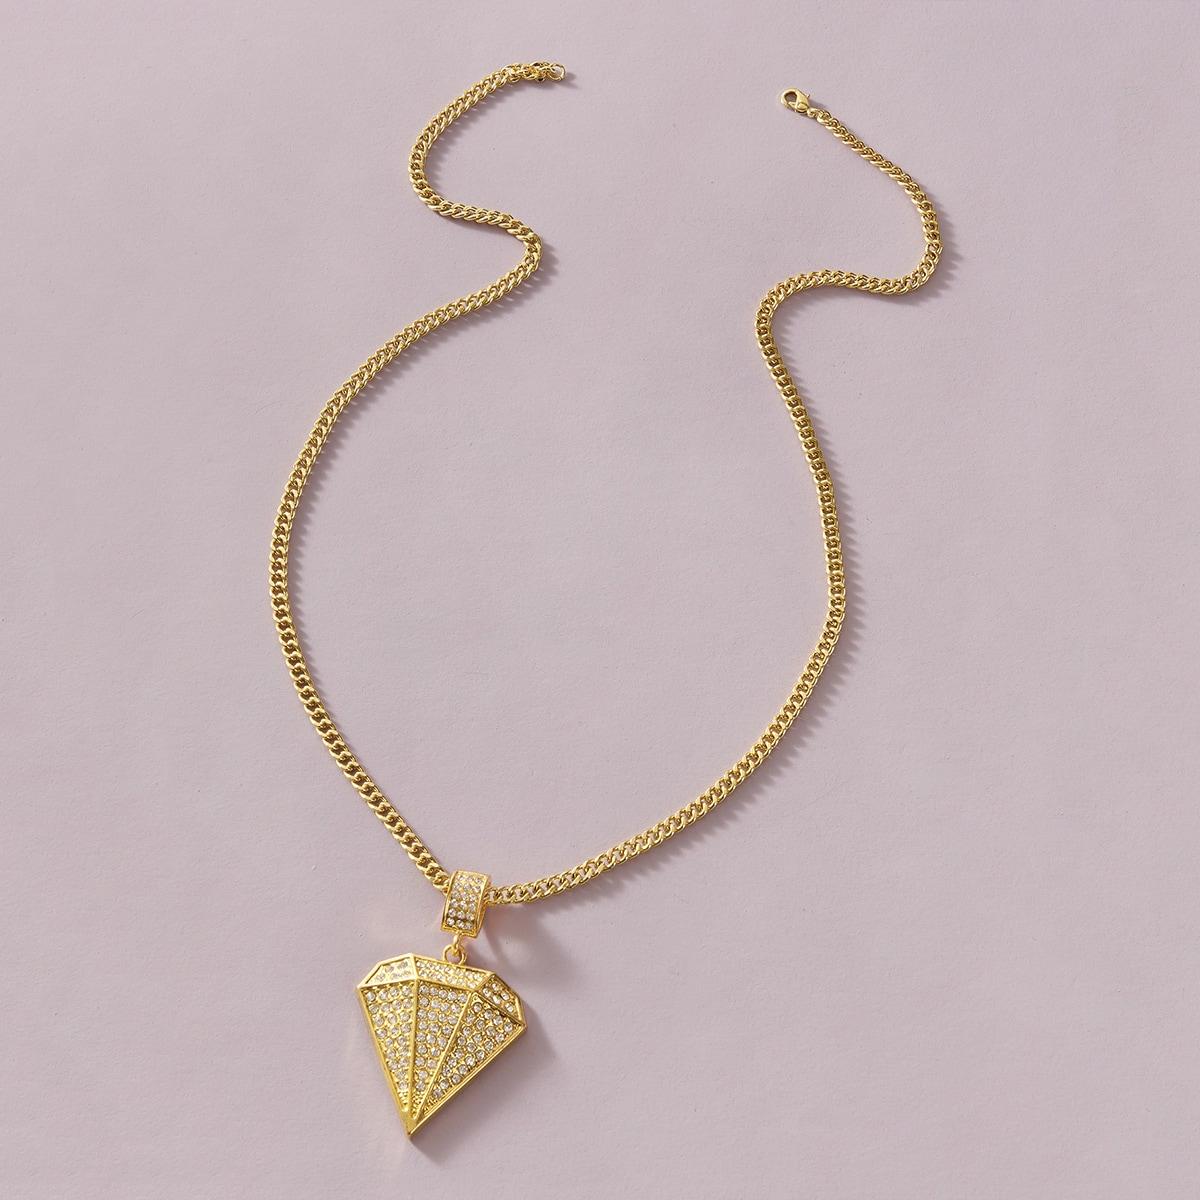 Мужское ожерелье со стразами 1шт от SHEIN